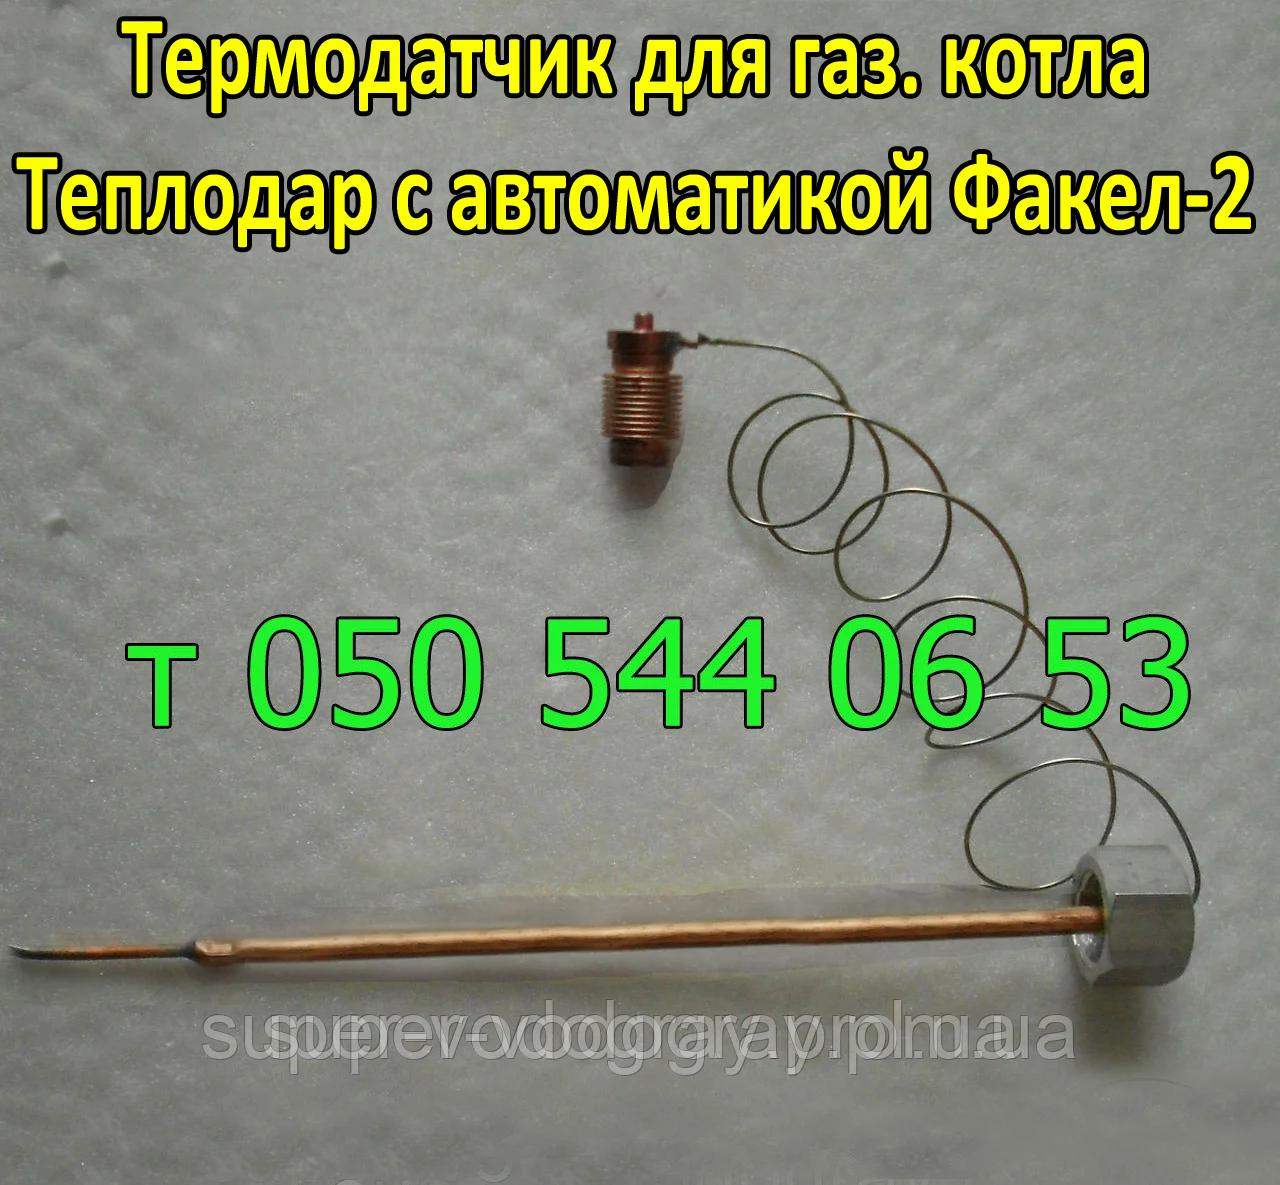 Термодатчик для газового котла Теплодар с автоматикой Факел-2